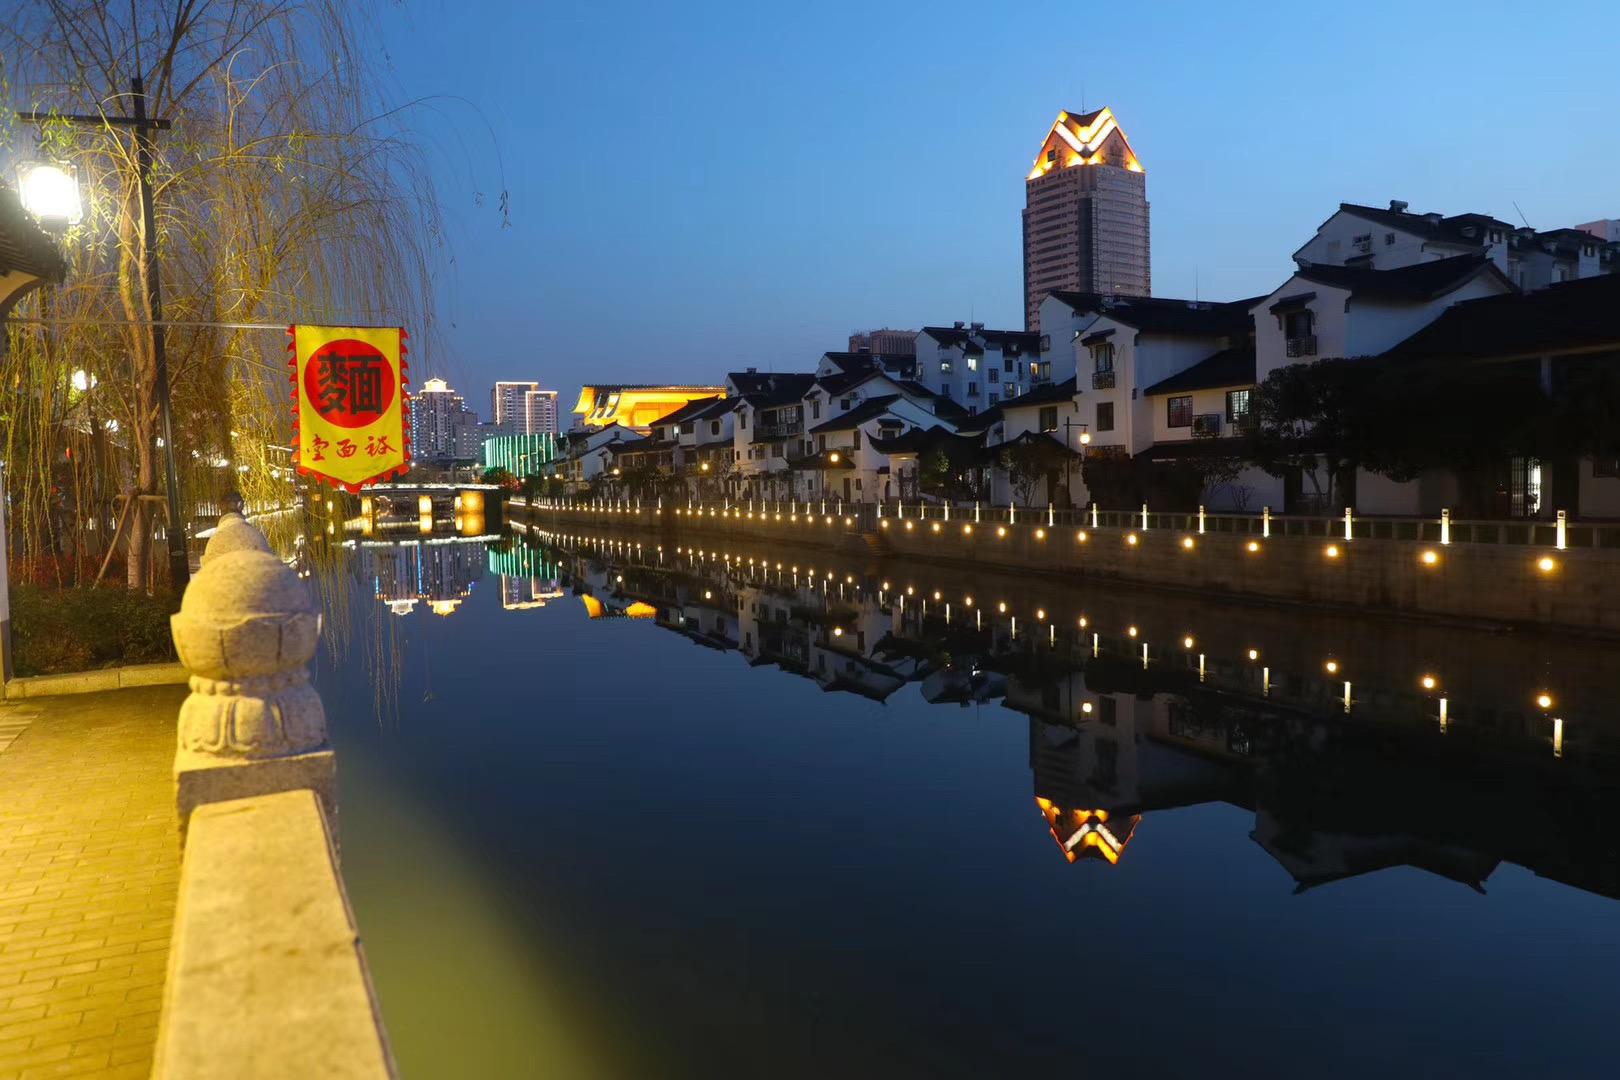 順豐同城向港交所遞交招股書 業務營收增長至2020年的48.4億元